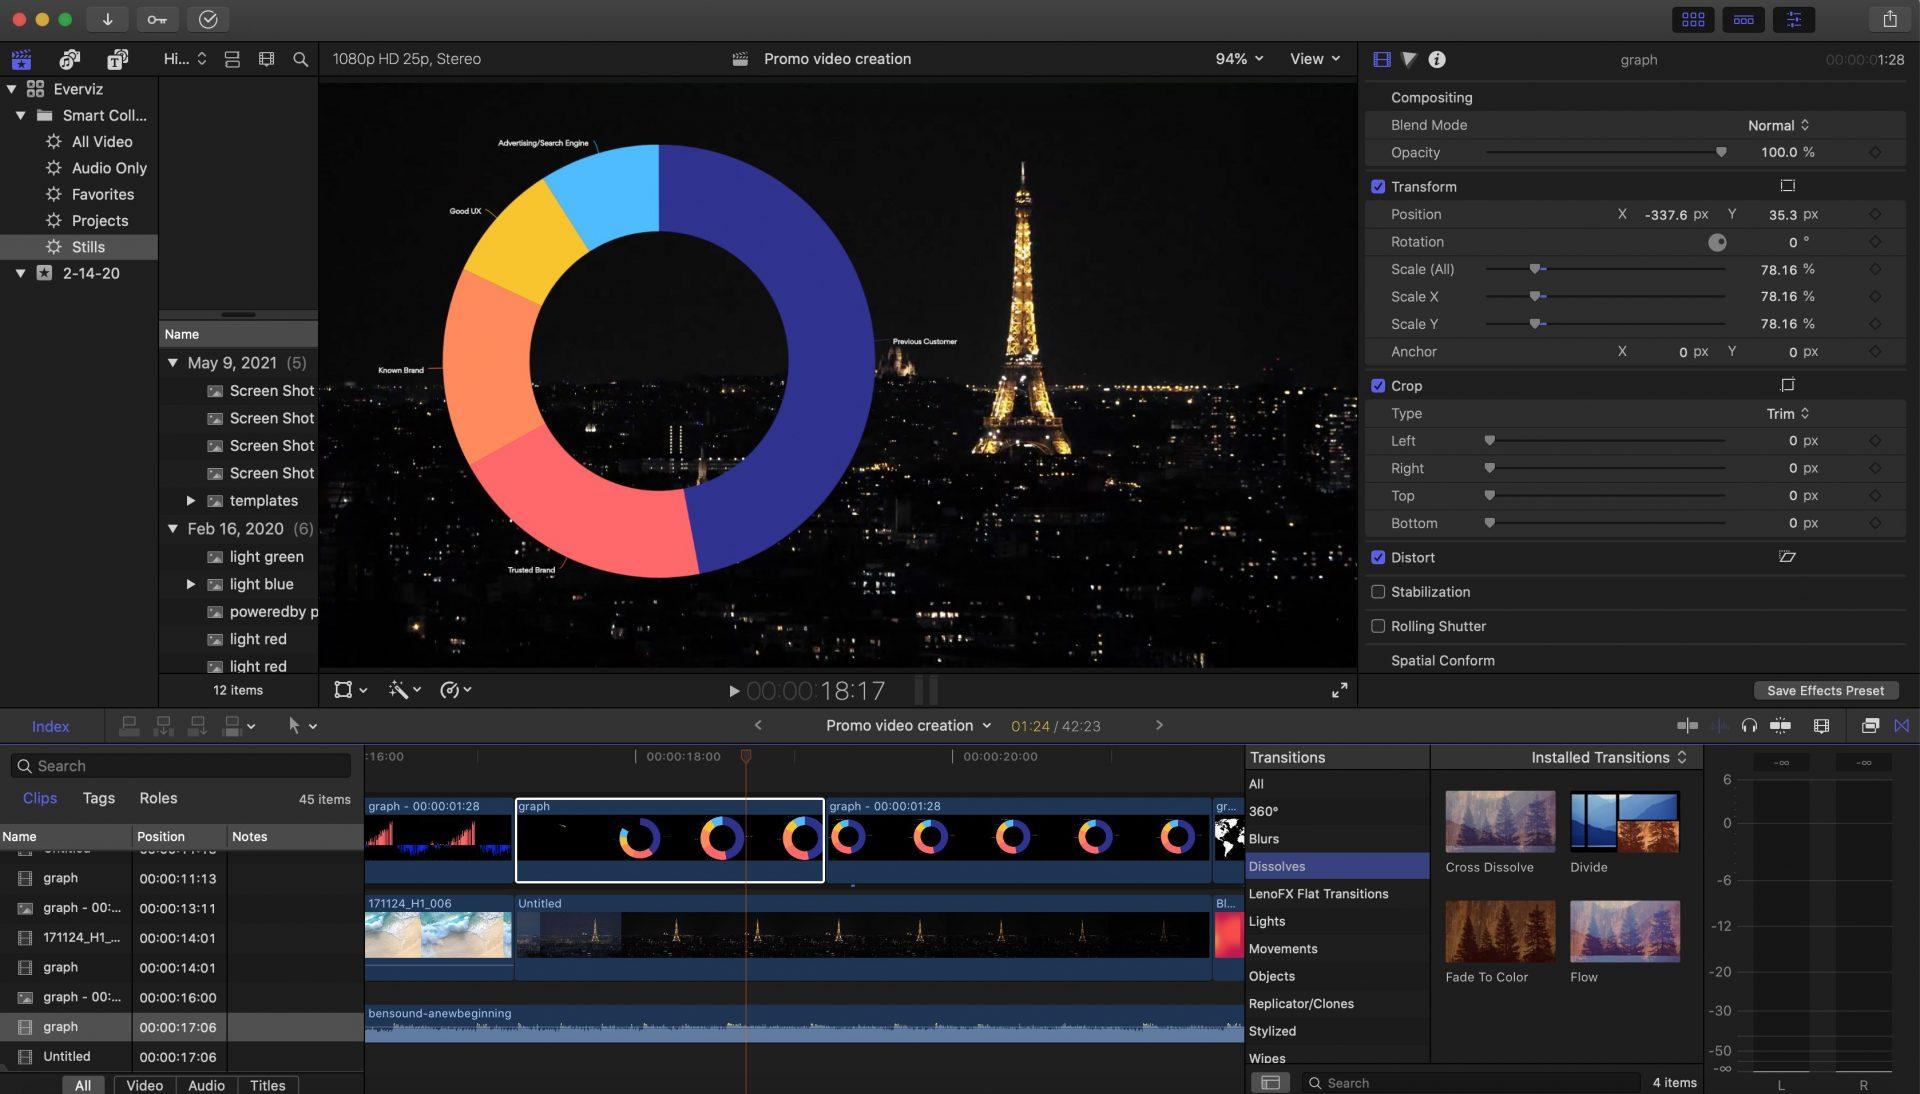 Screenshot of an everviz overlay video in Final Cut Pro